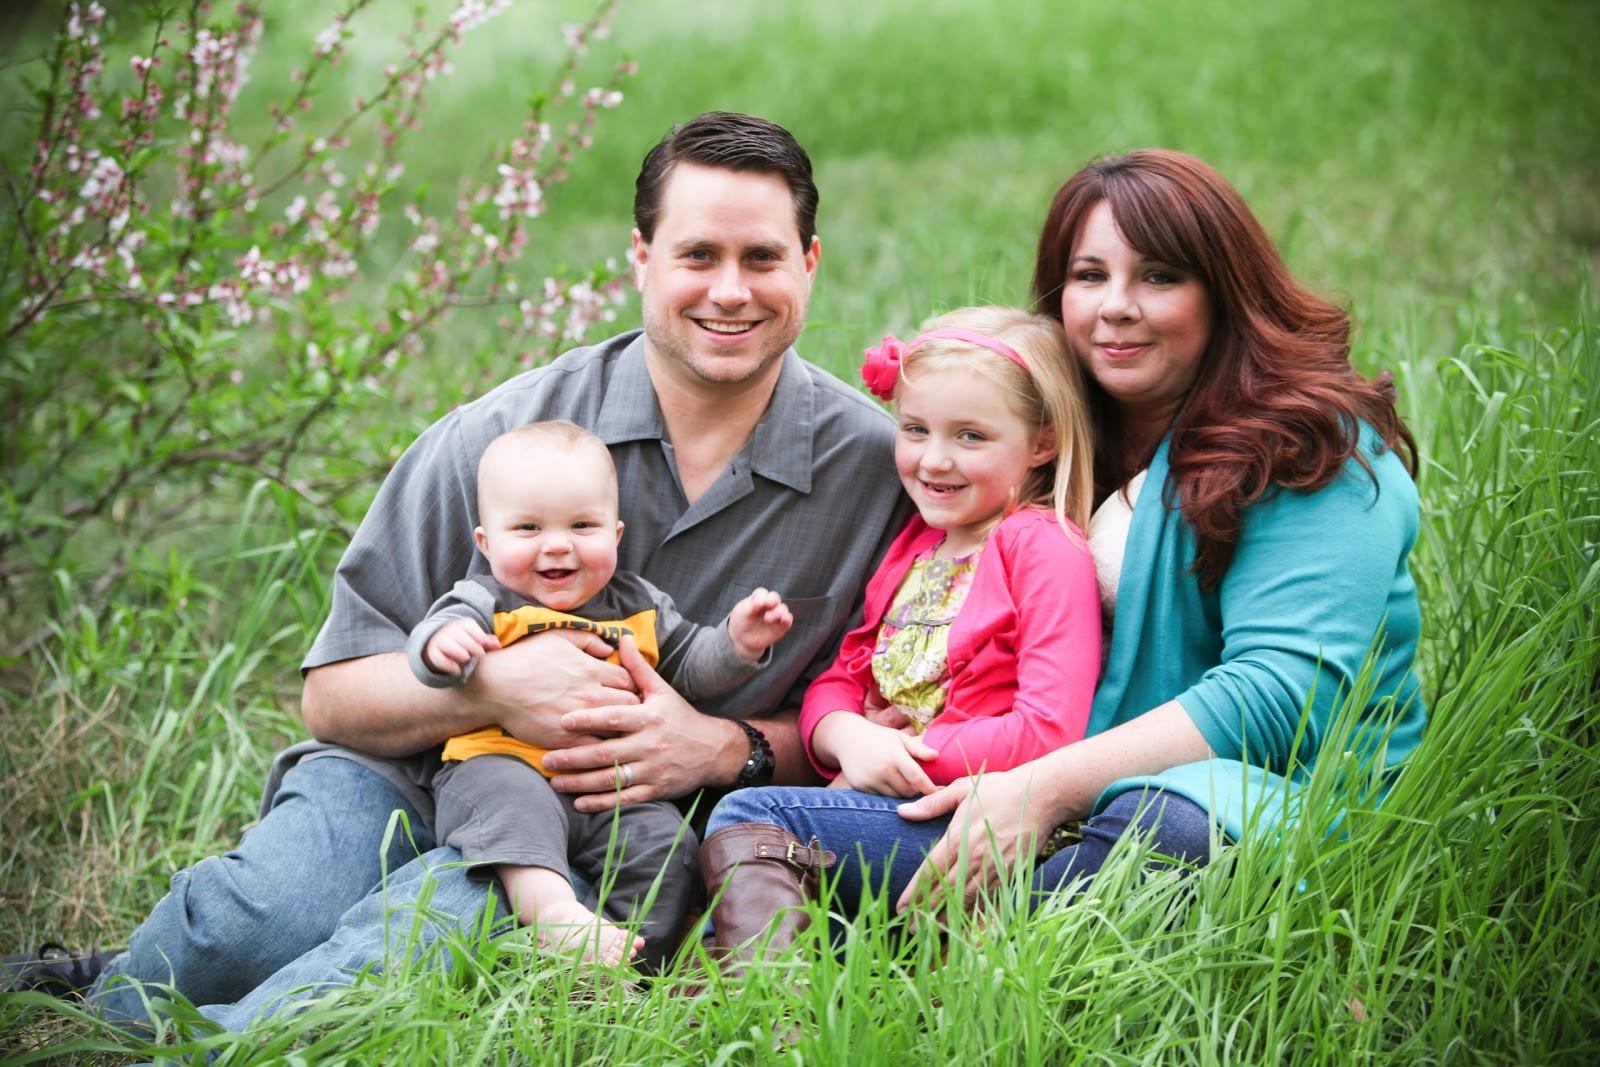 Family Photo Shoot Spring Family Photo Shoot